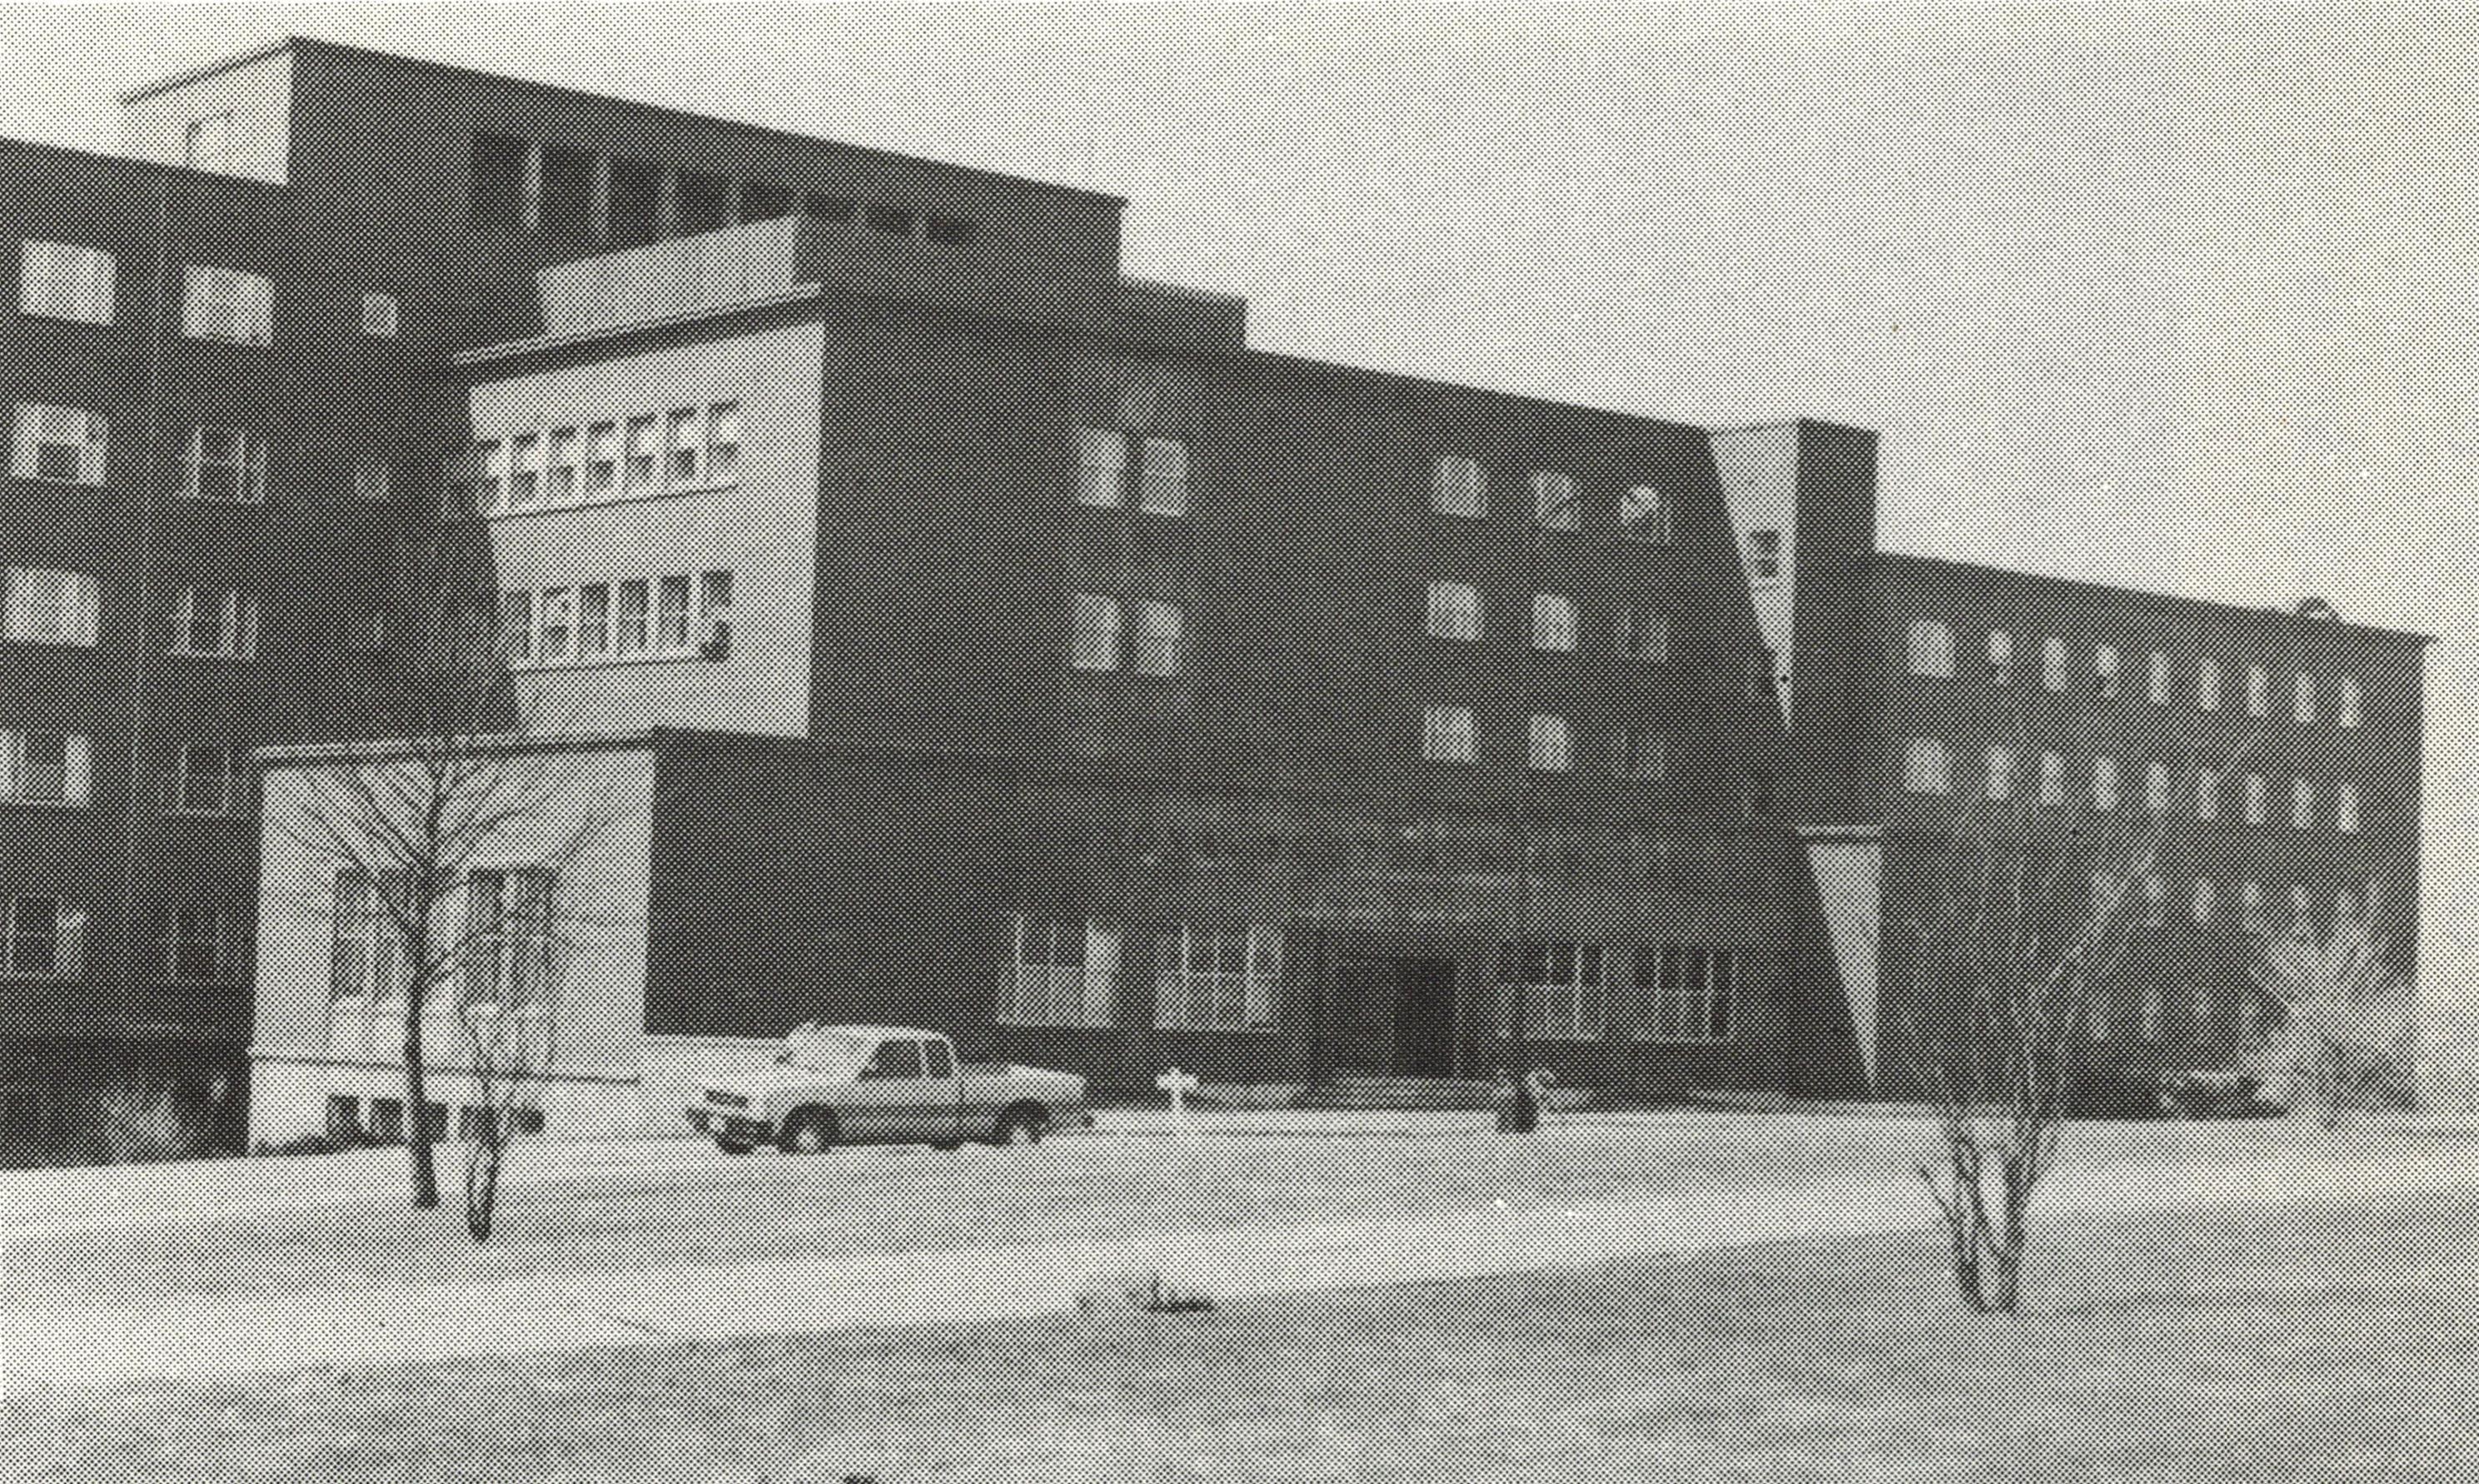 Ancienne photo en noir et blanc d'un grand hôpital avec des voitures stationnées devant